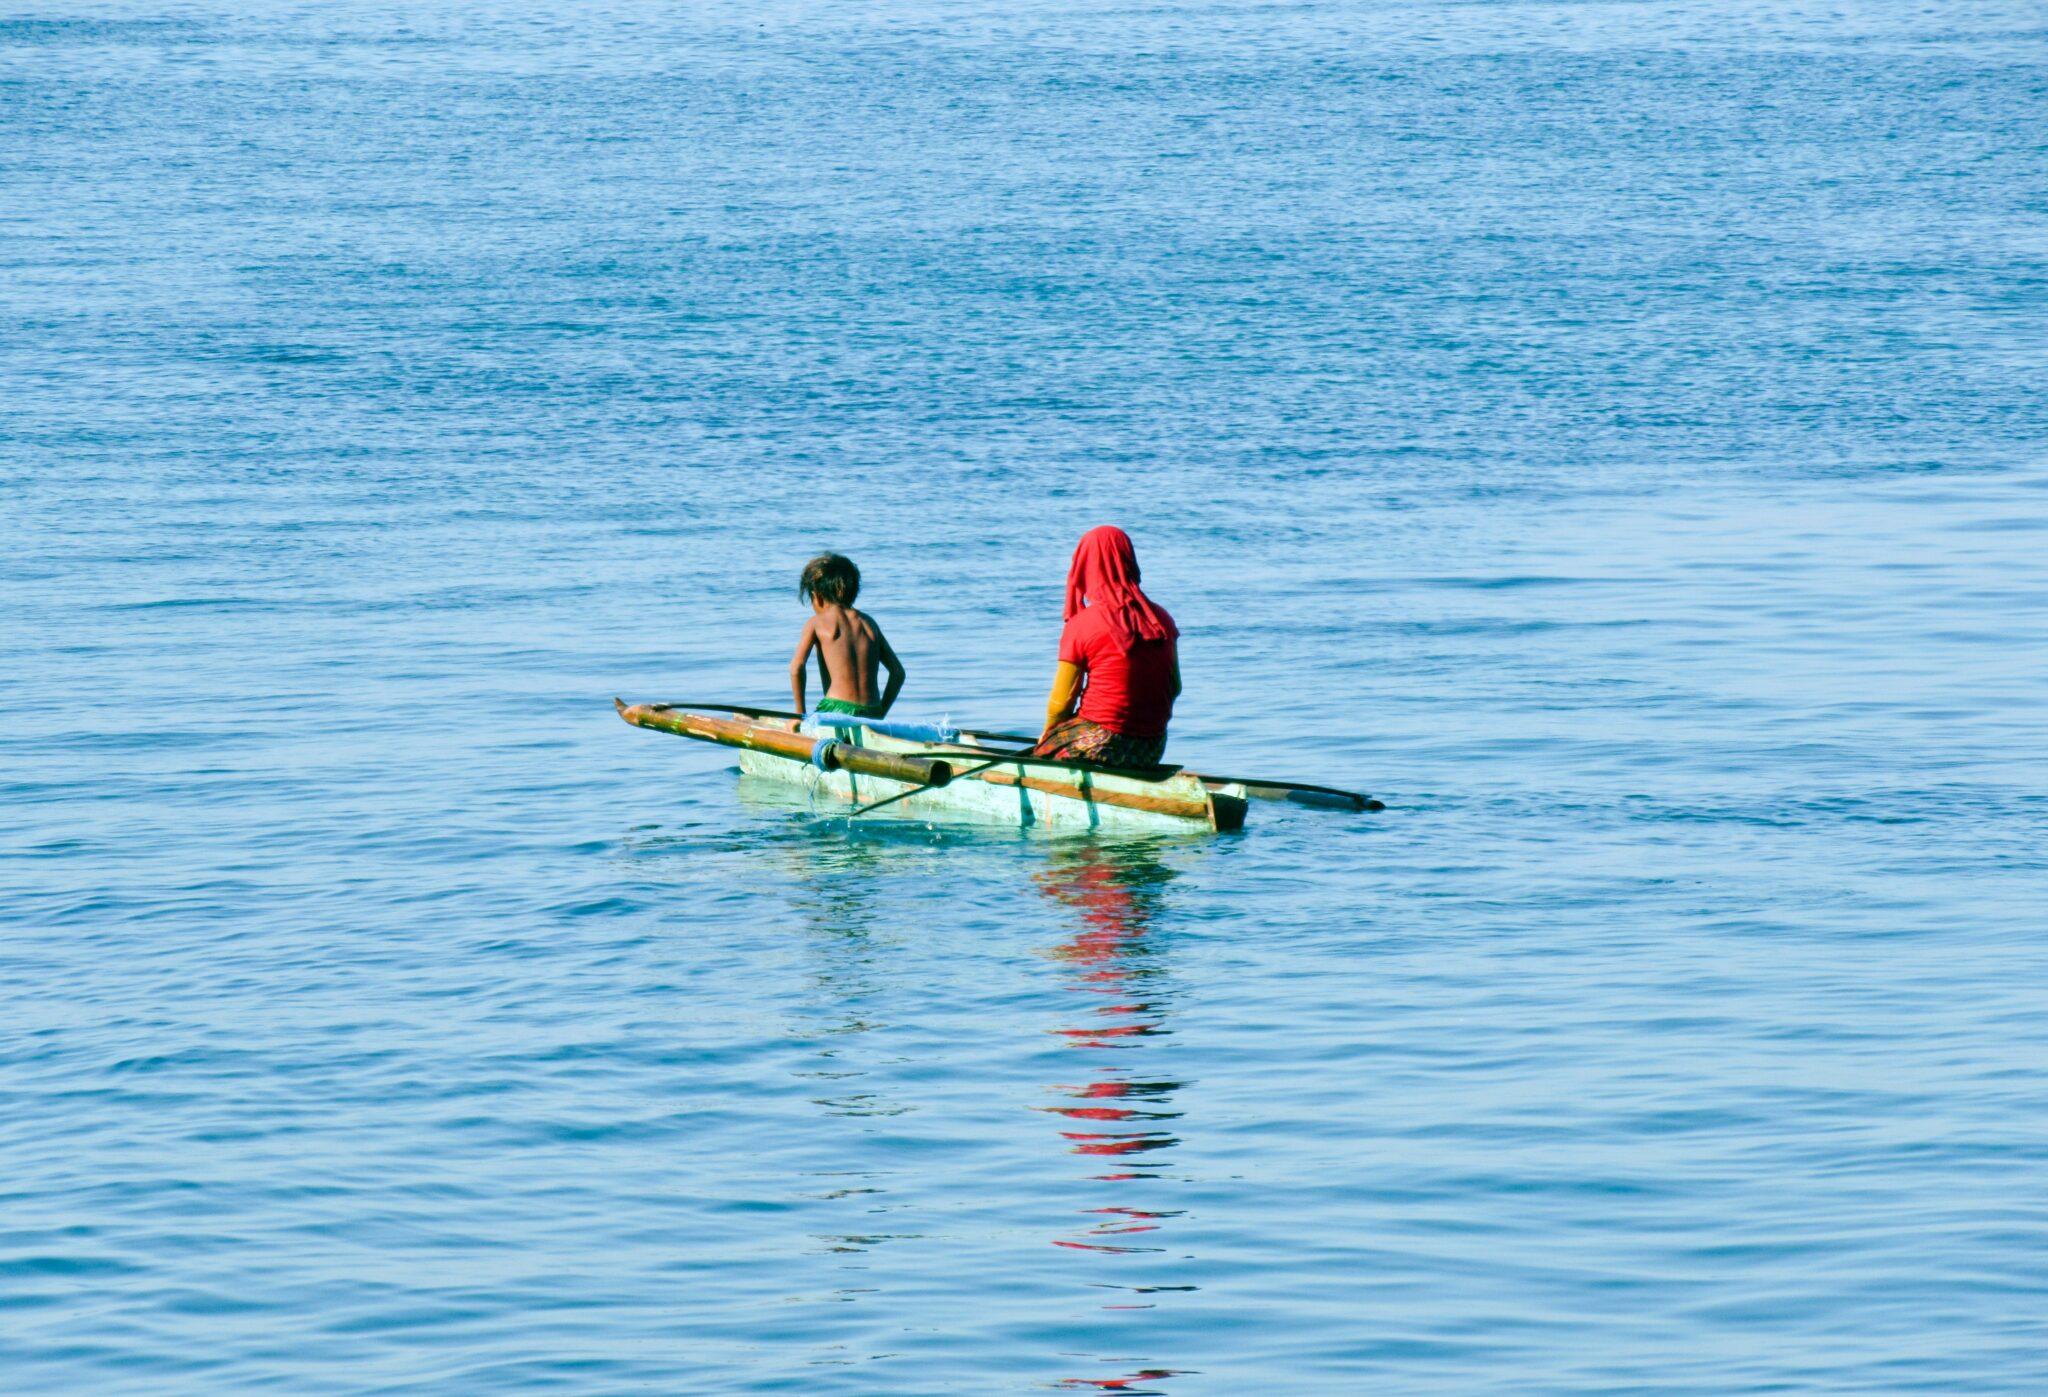 zwei Menschen, Angehörige der Bajau, in einem im Meer treibenden Boot.